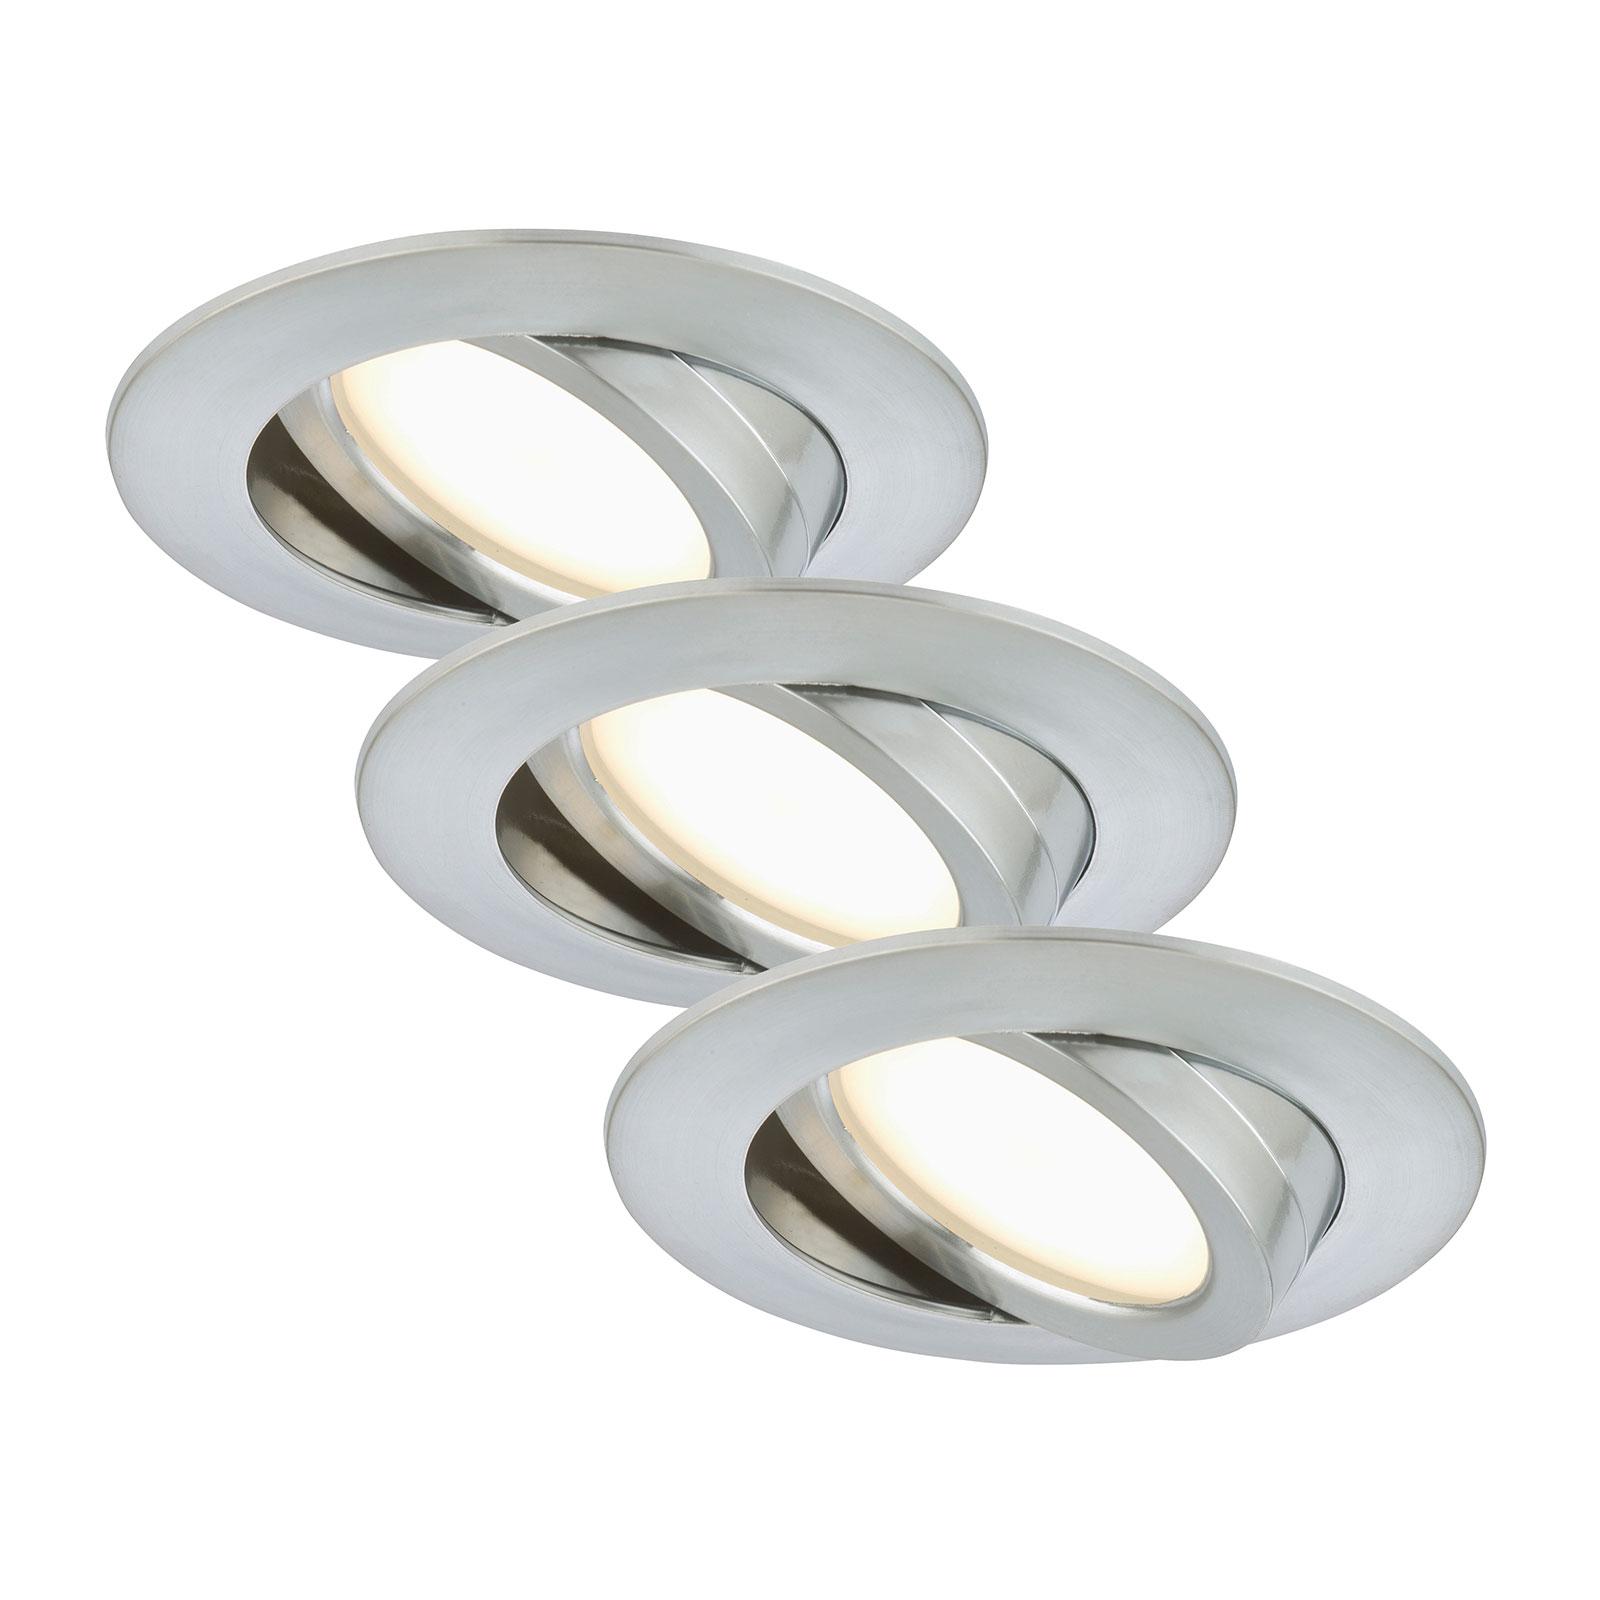 Kolmen sarja - LED-uppovalaisin Bert, käännettävä